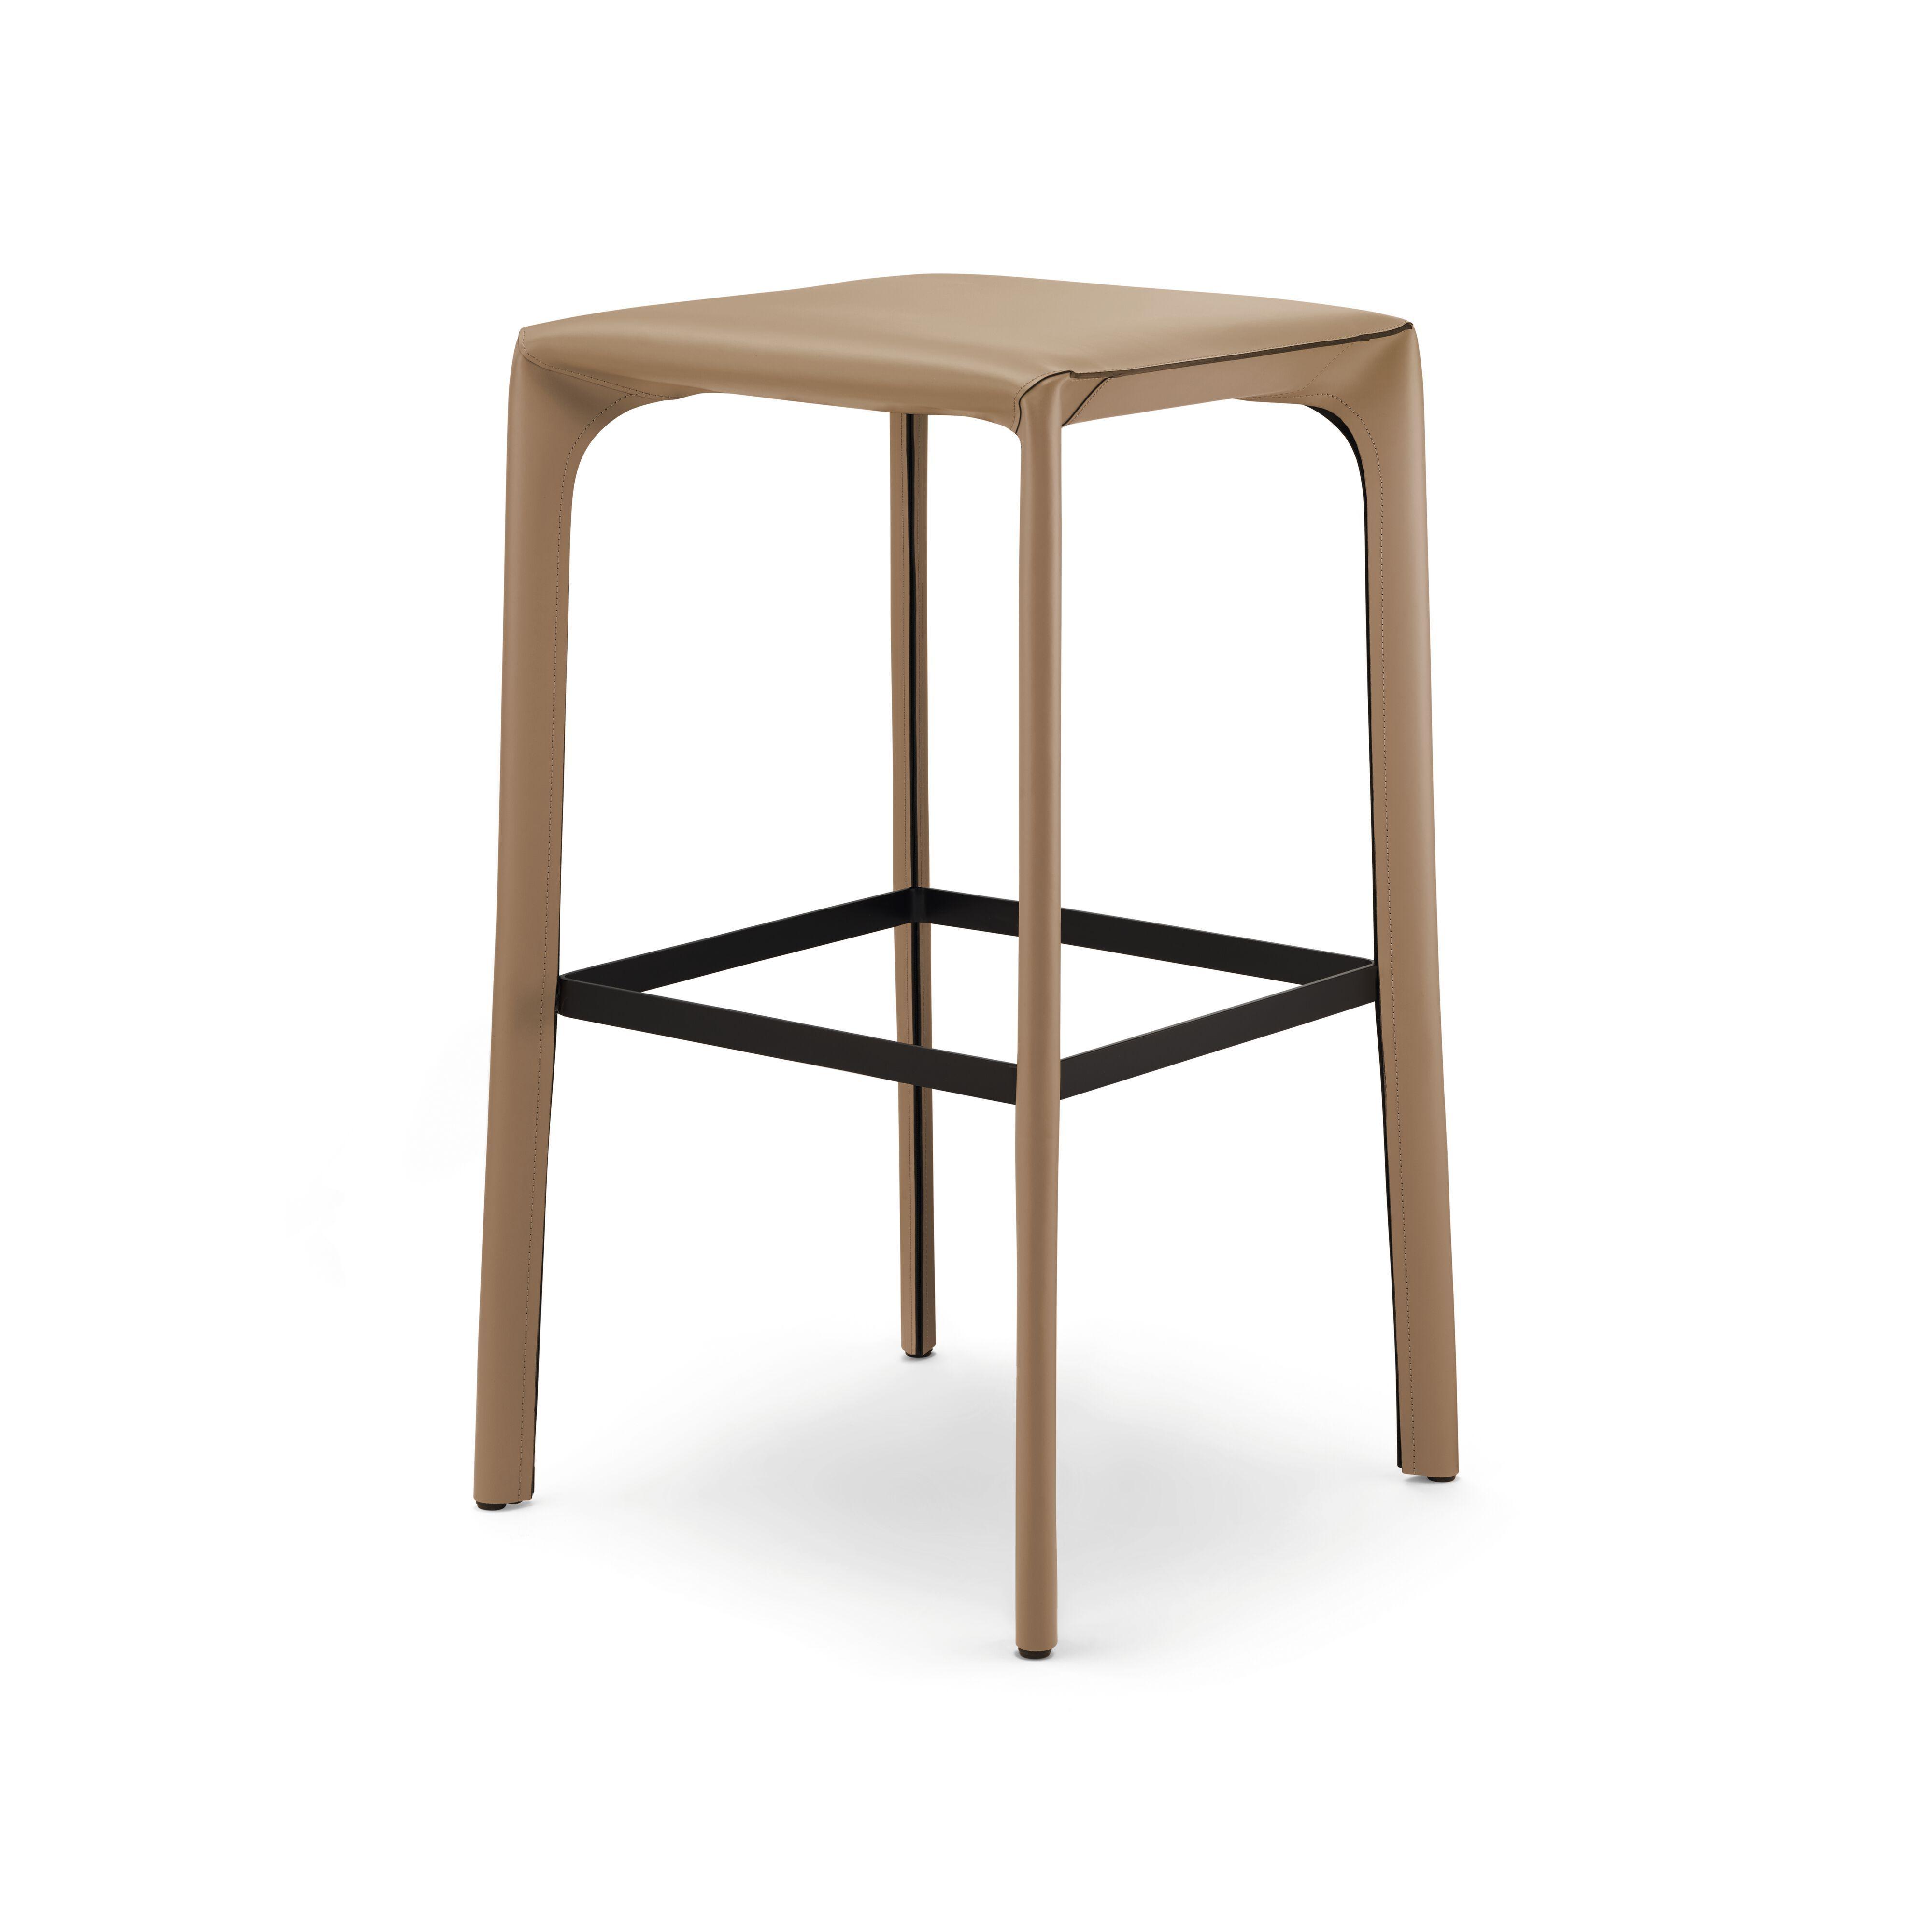 04-WK-Saddle-Chair_Barhocker-0002-H.tif